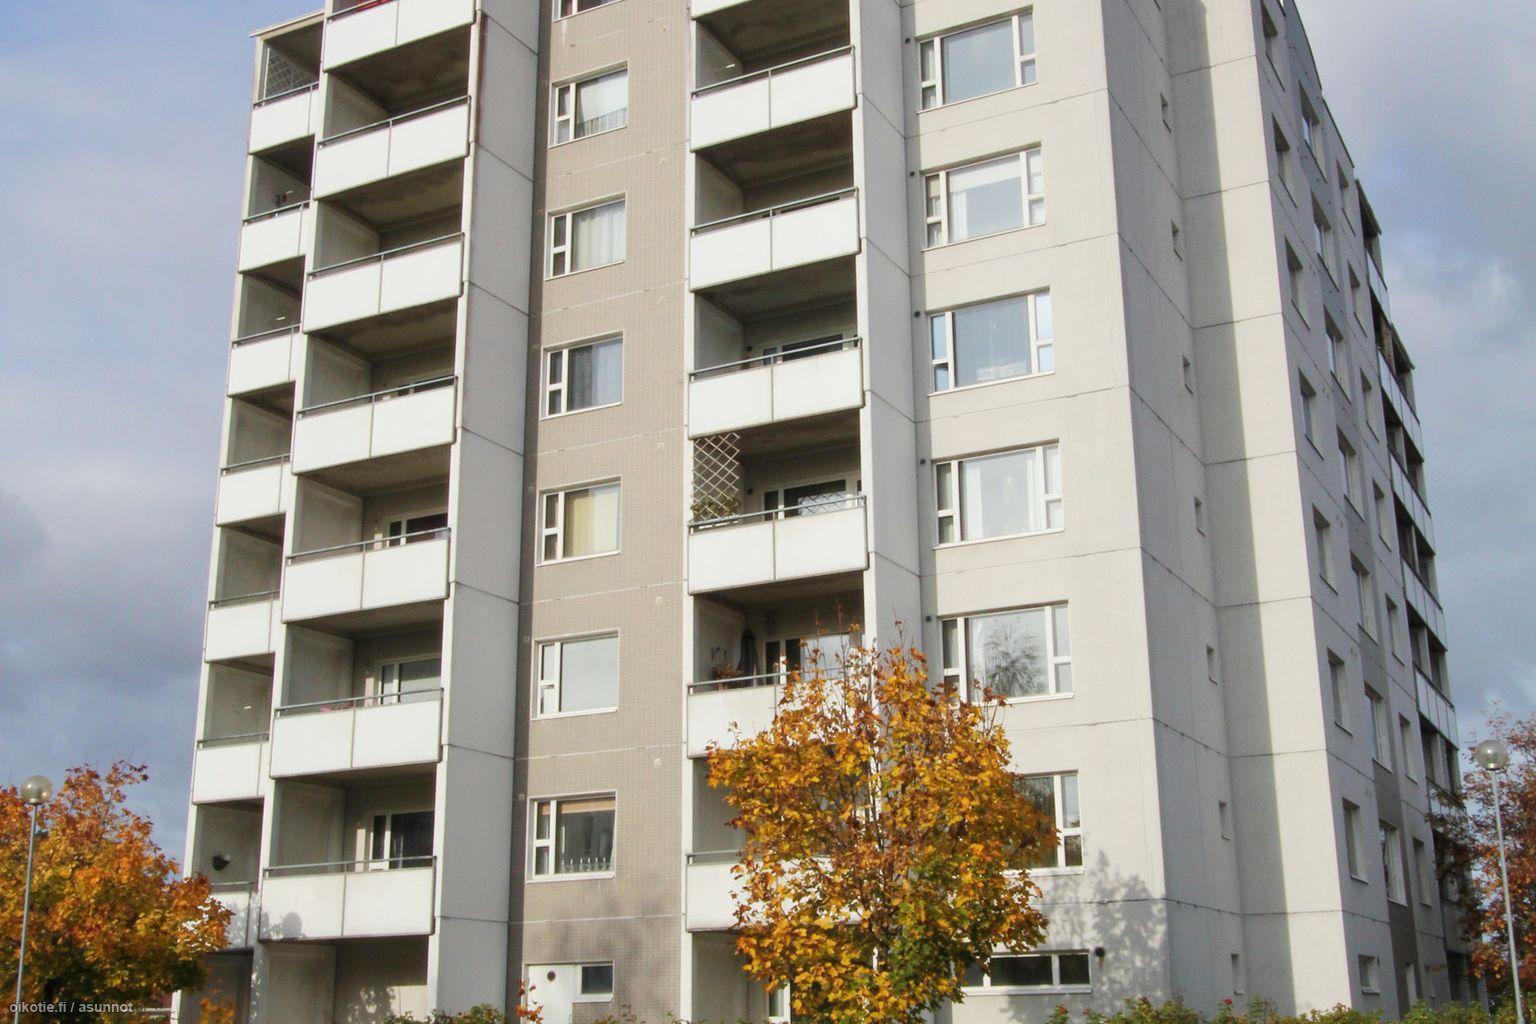 68 m² Vähärasinkatu 4 A 24, 20540 Turku Kerrostalo Kaksio myynnissä - Oikotie 5815217